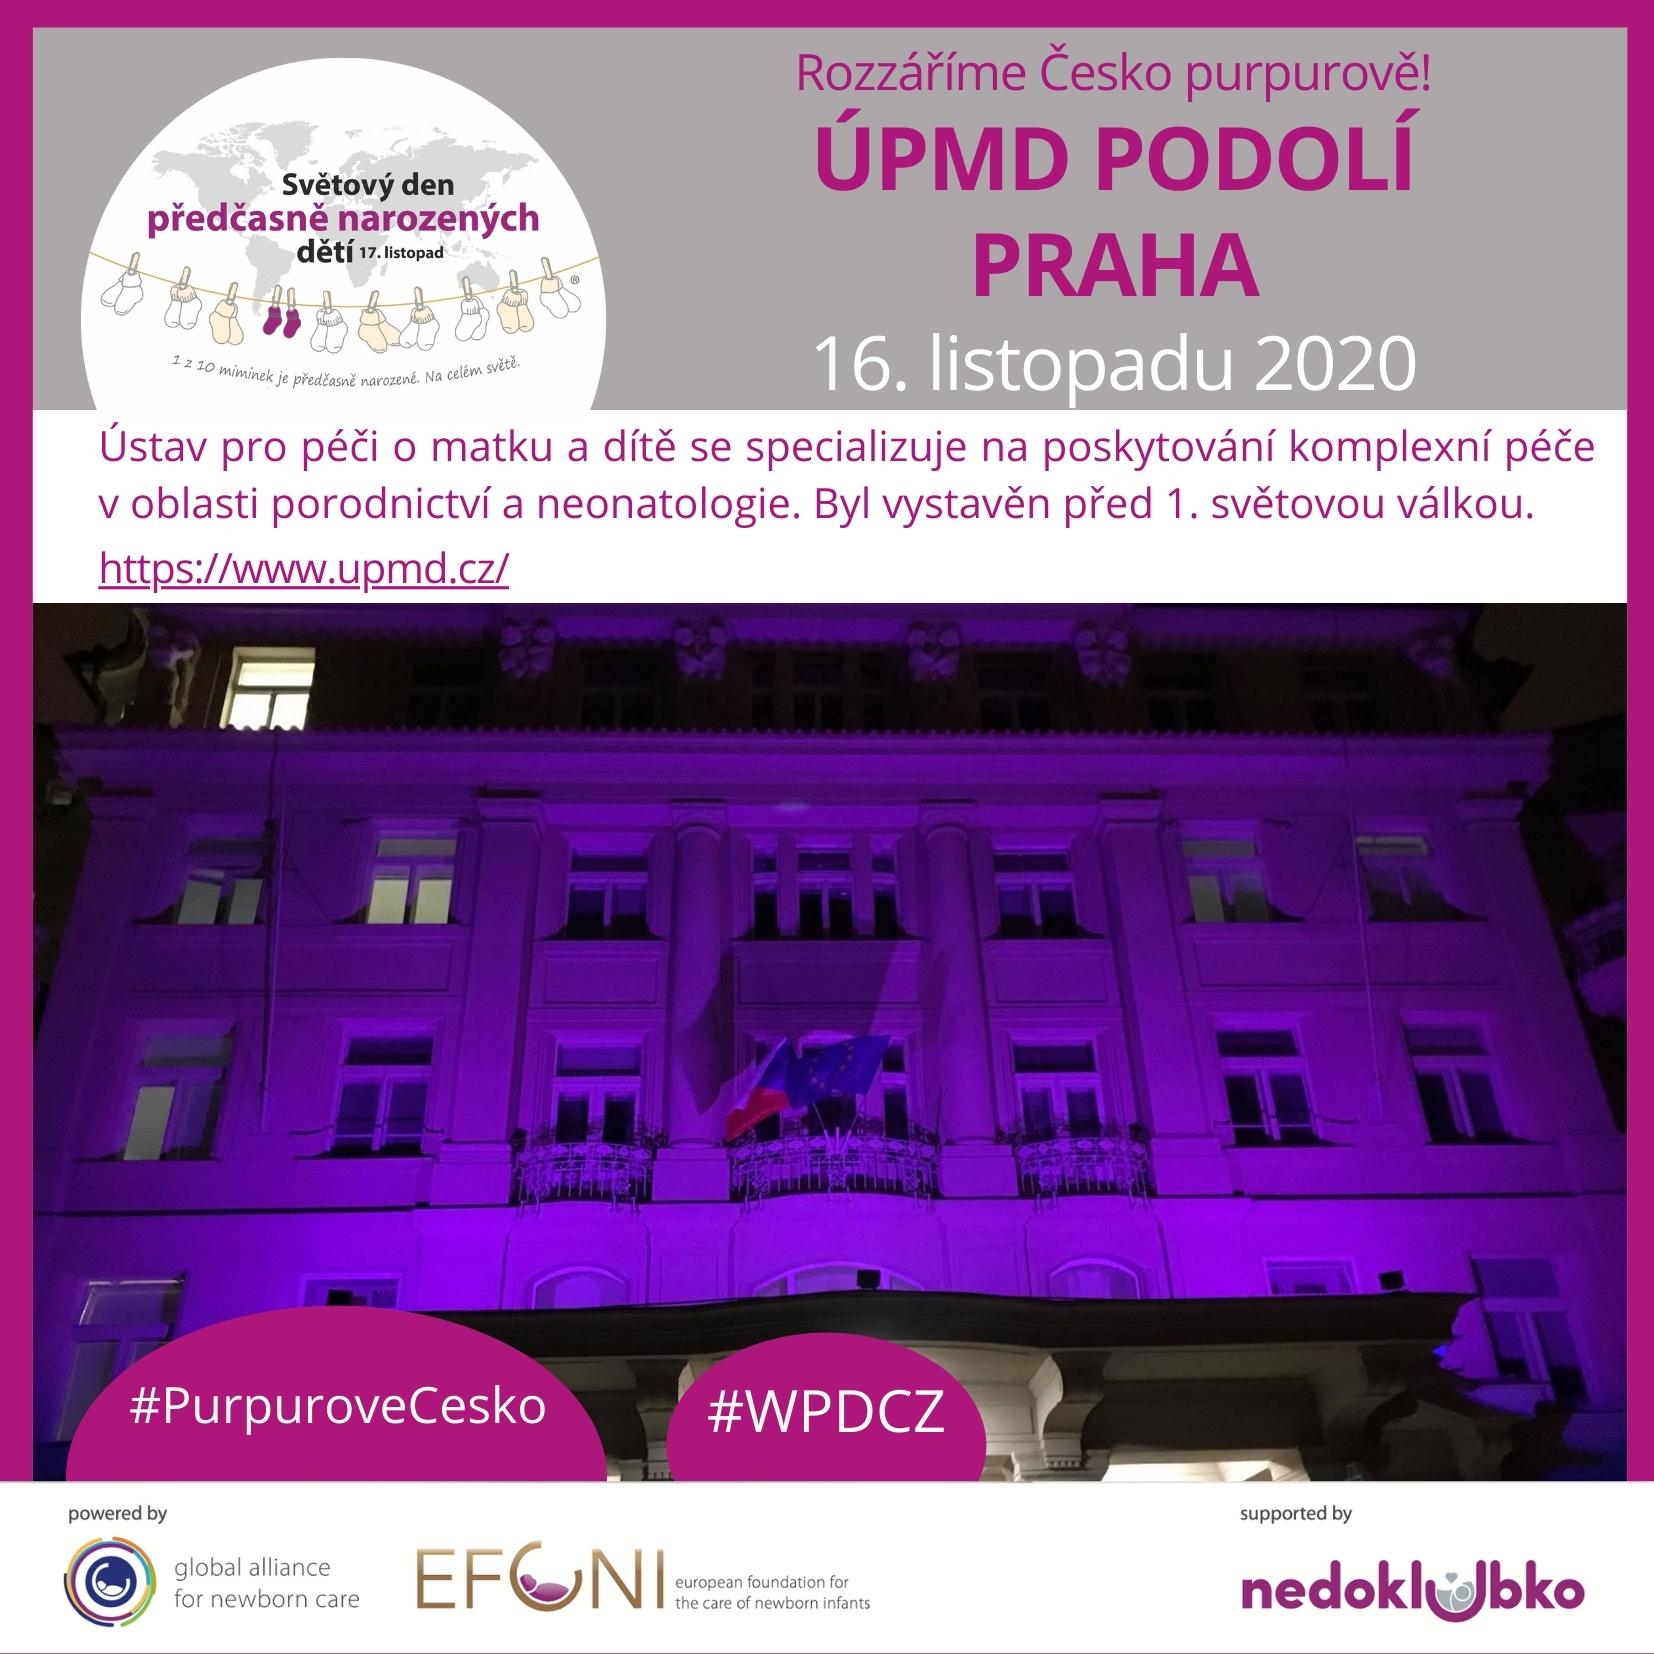 purpuroveCesko_UPMD PODOLI (1)